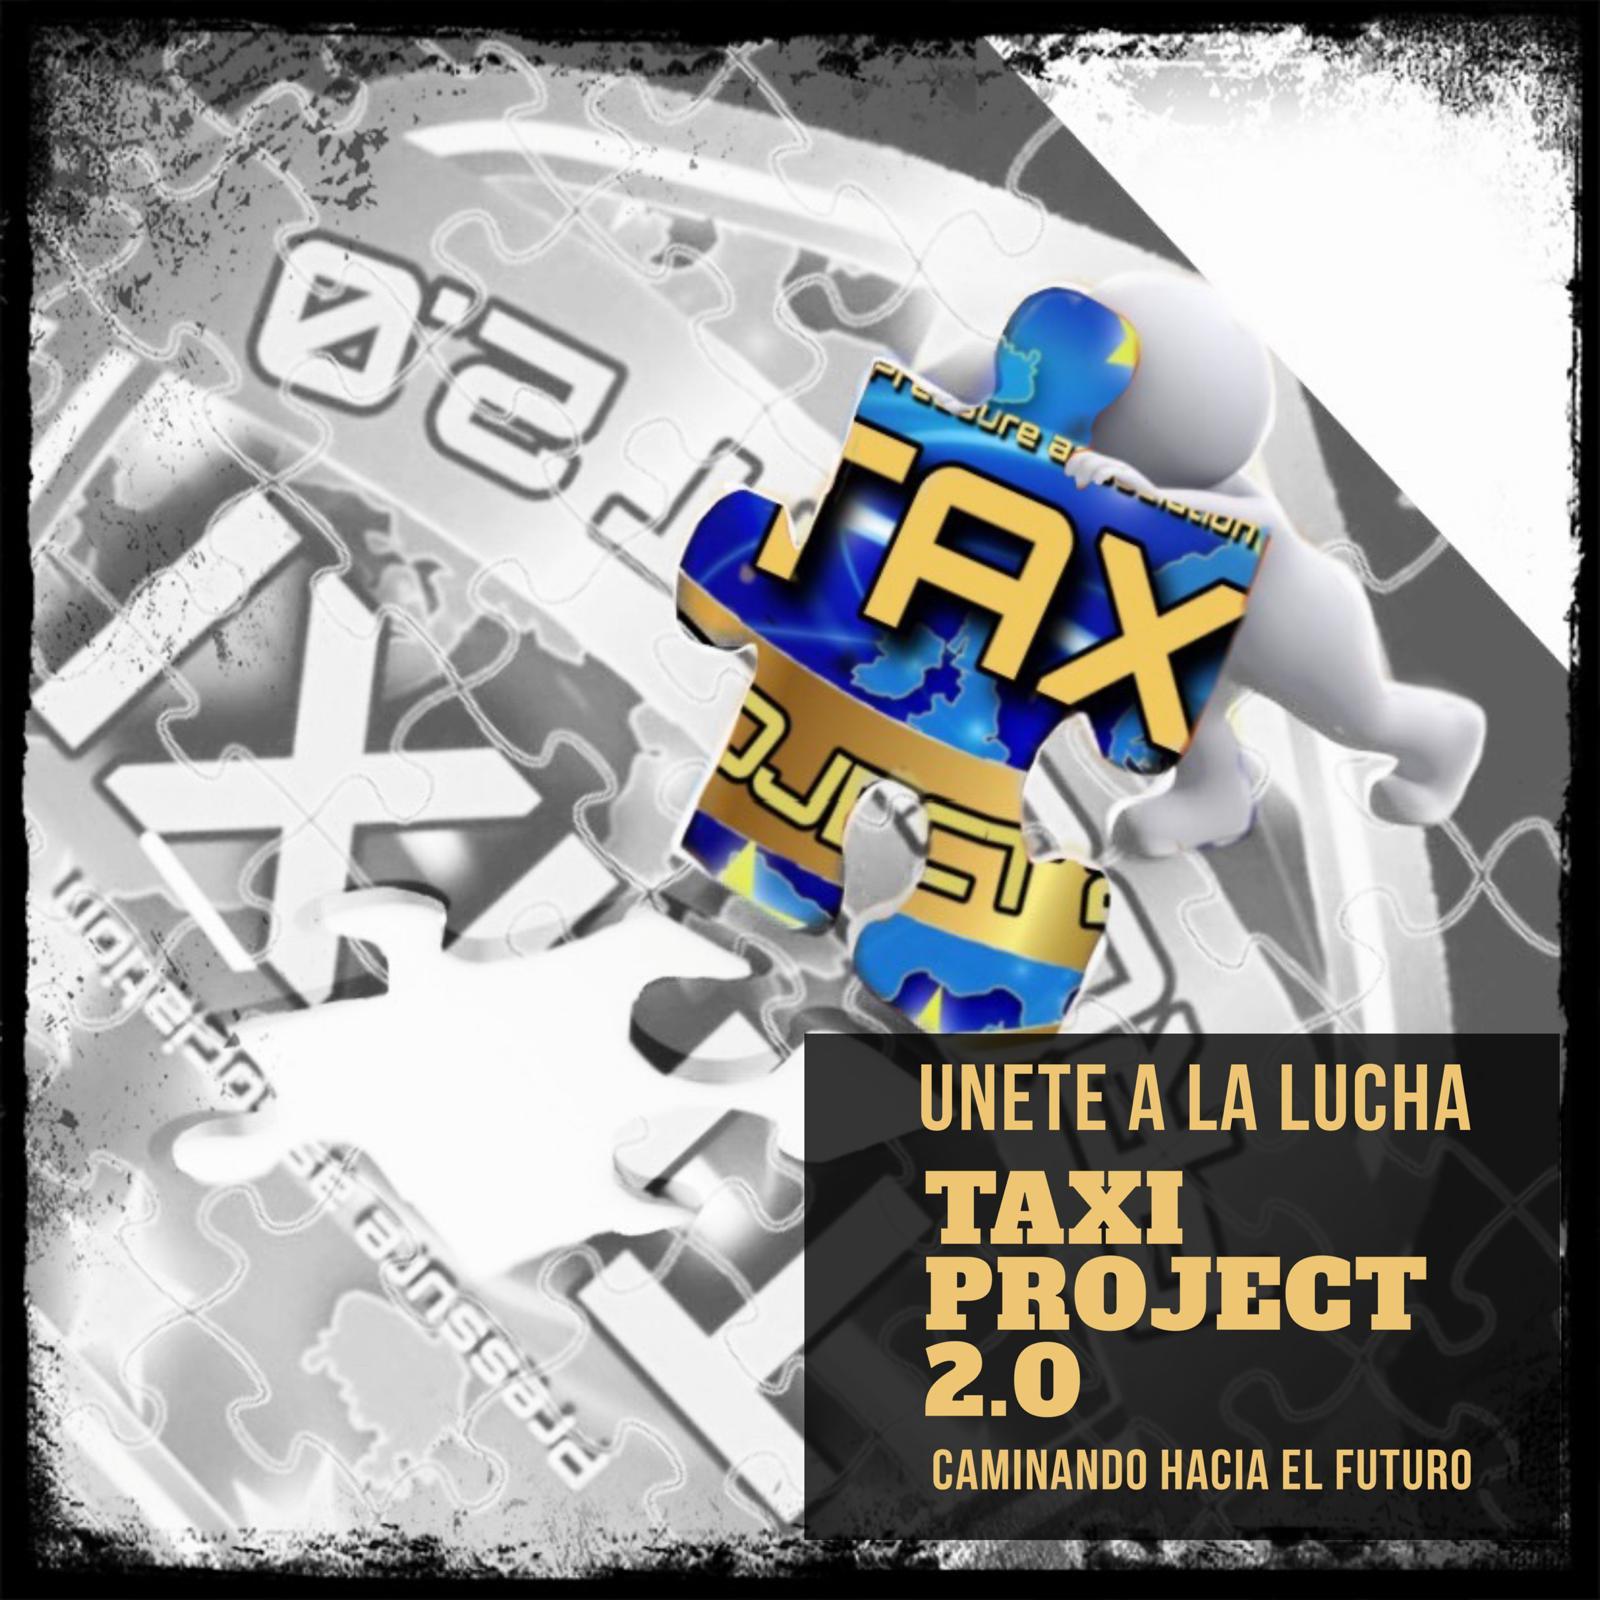 El taxi merece un Taxi Project